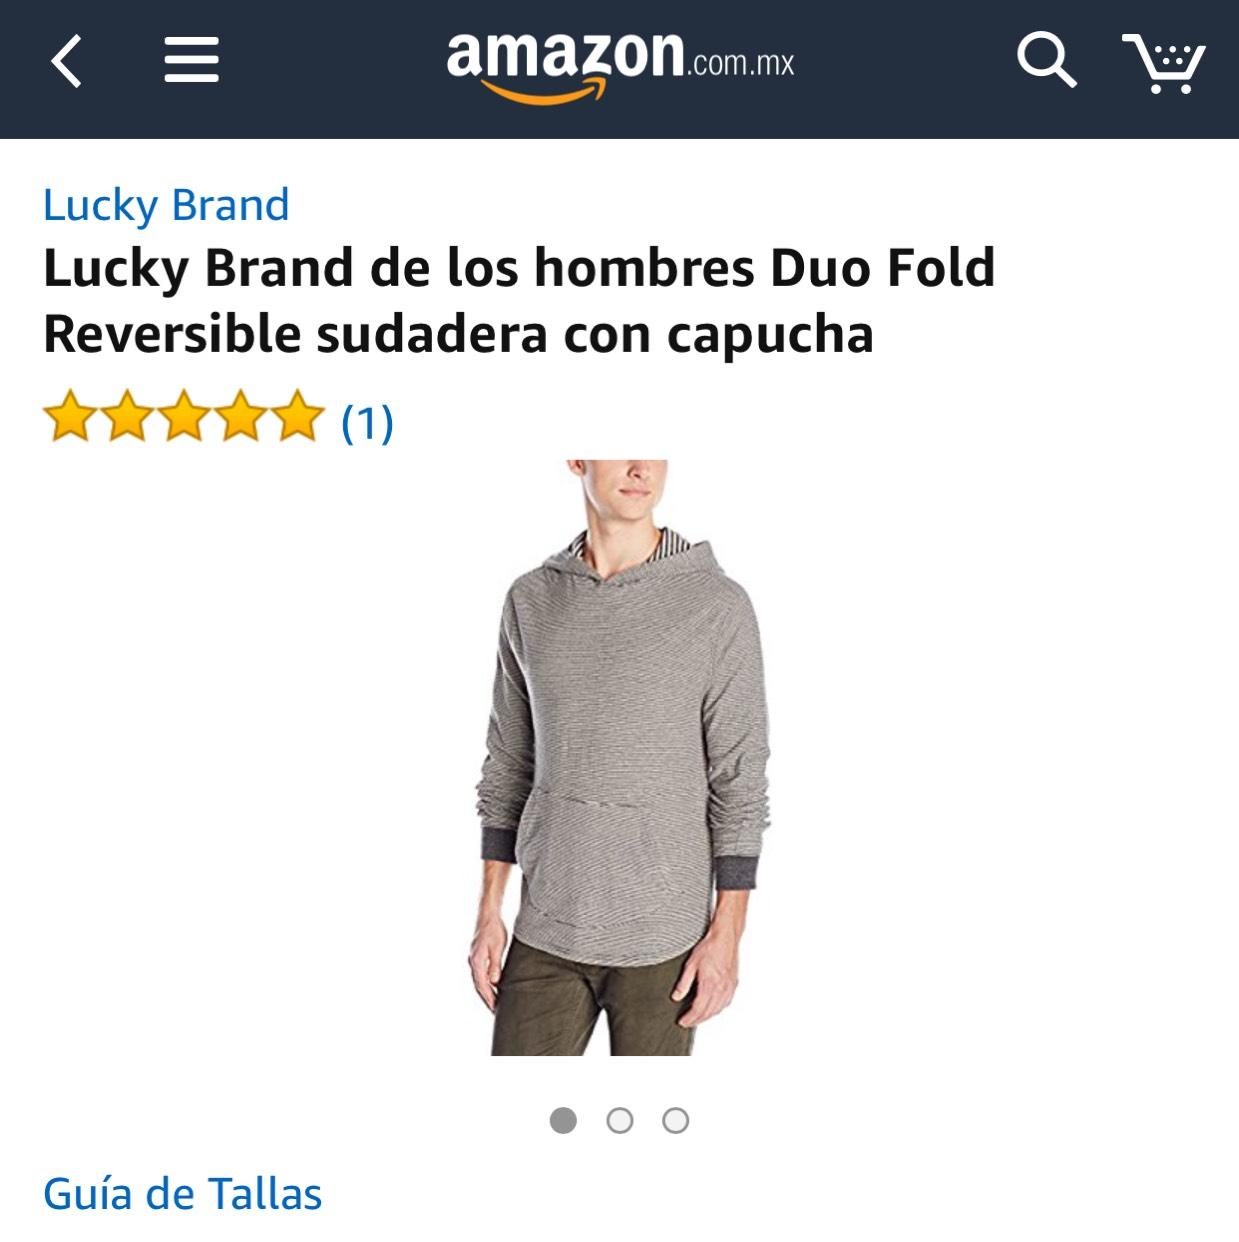 Amazon México: Sudadera reversible Lucky Brand